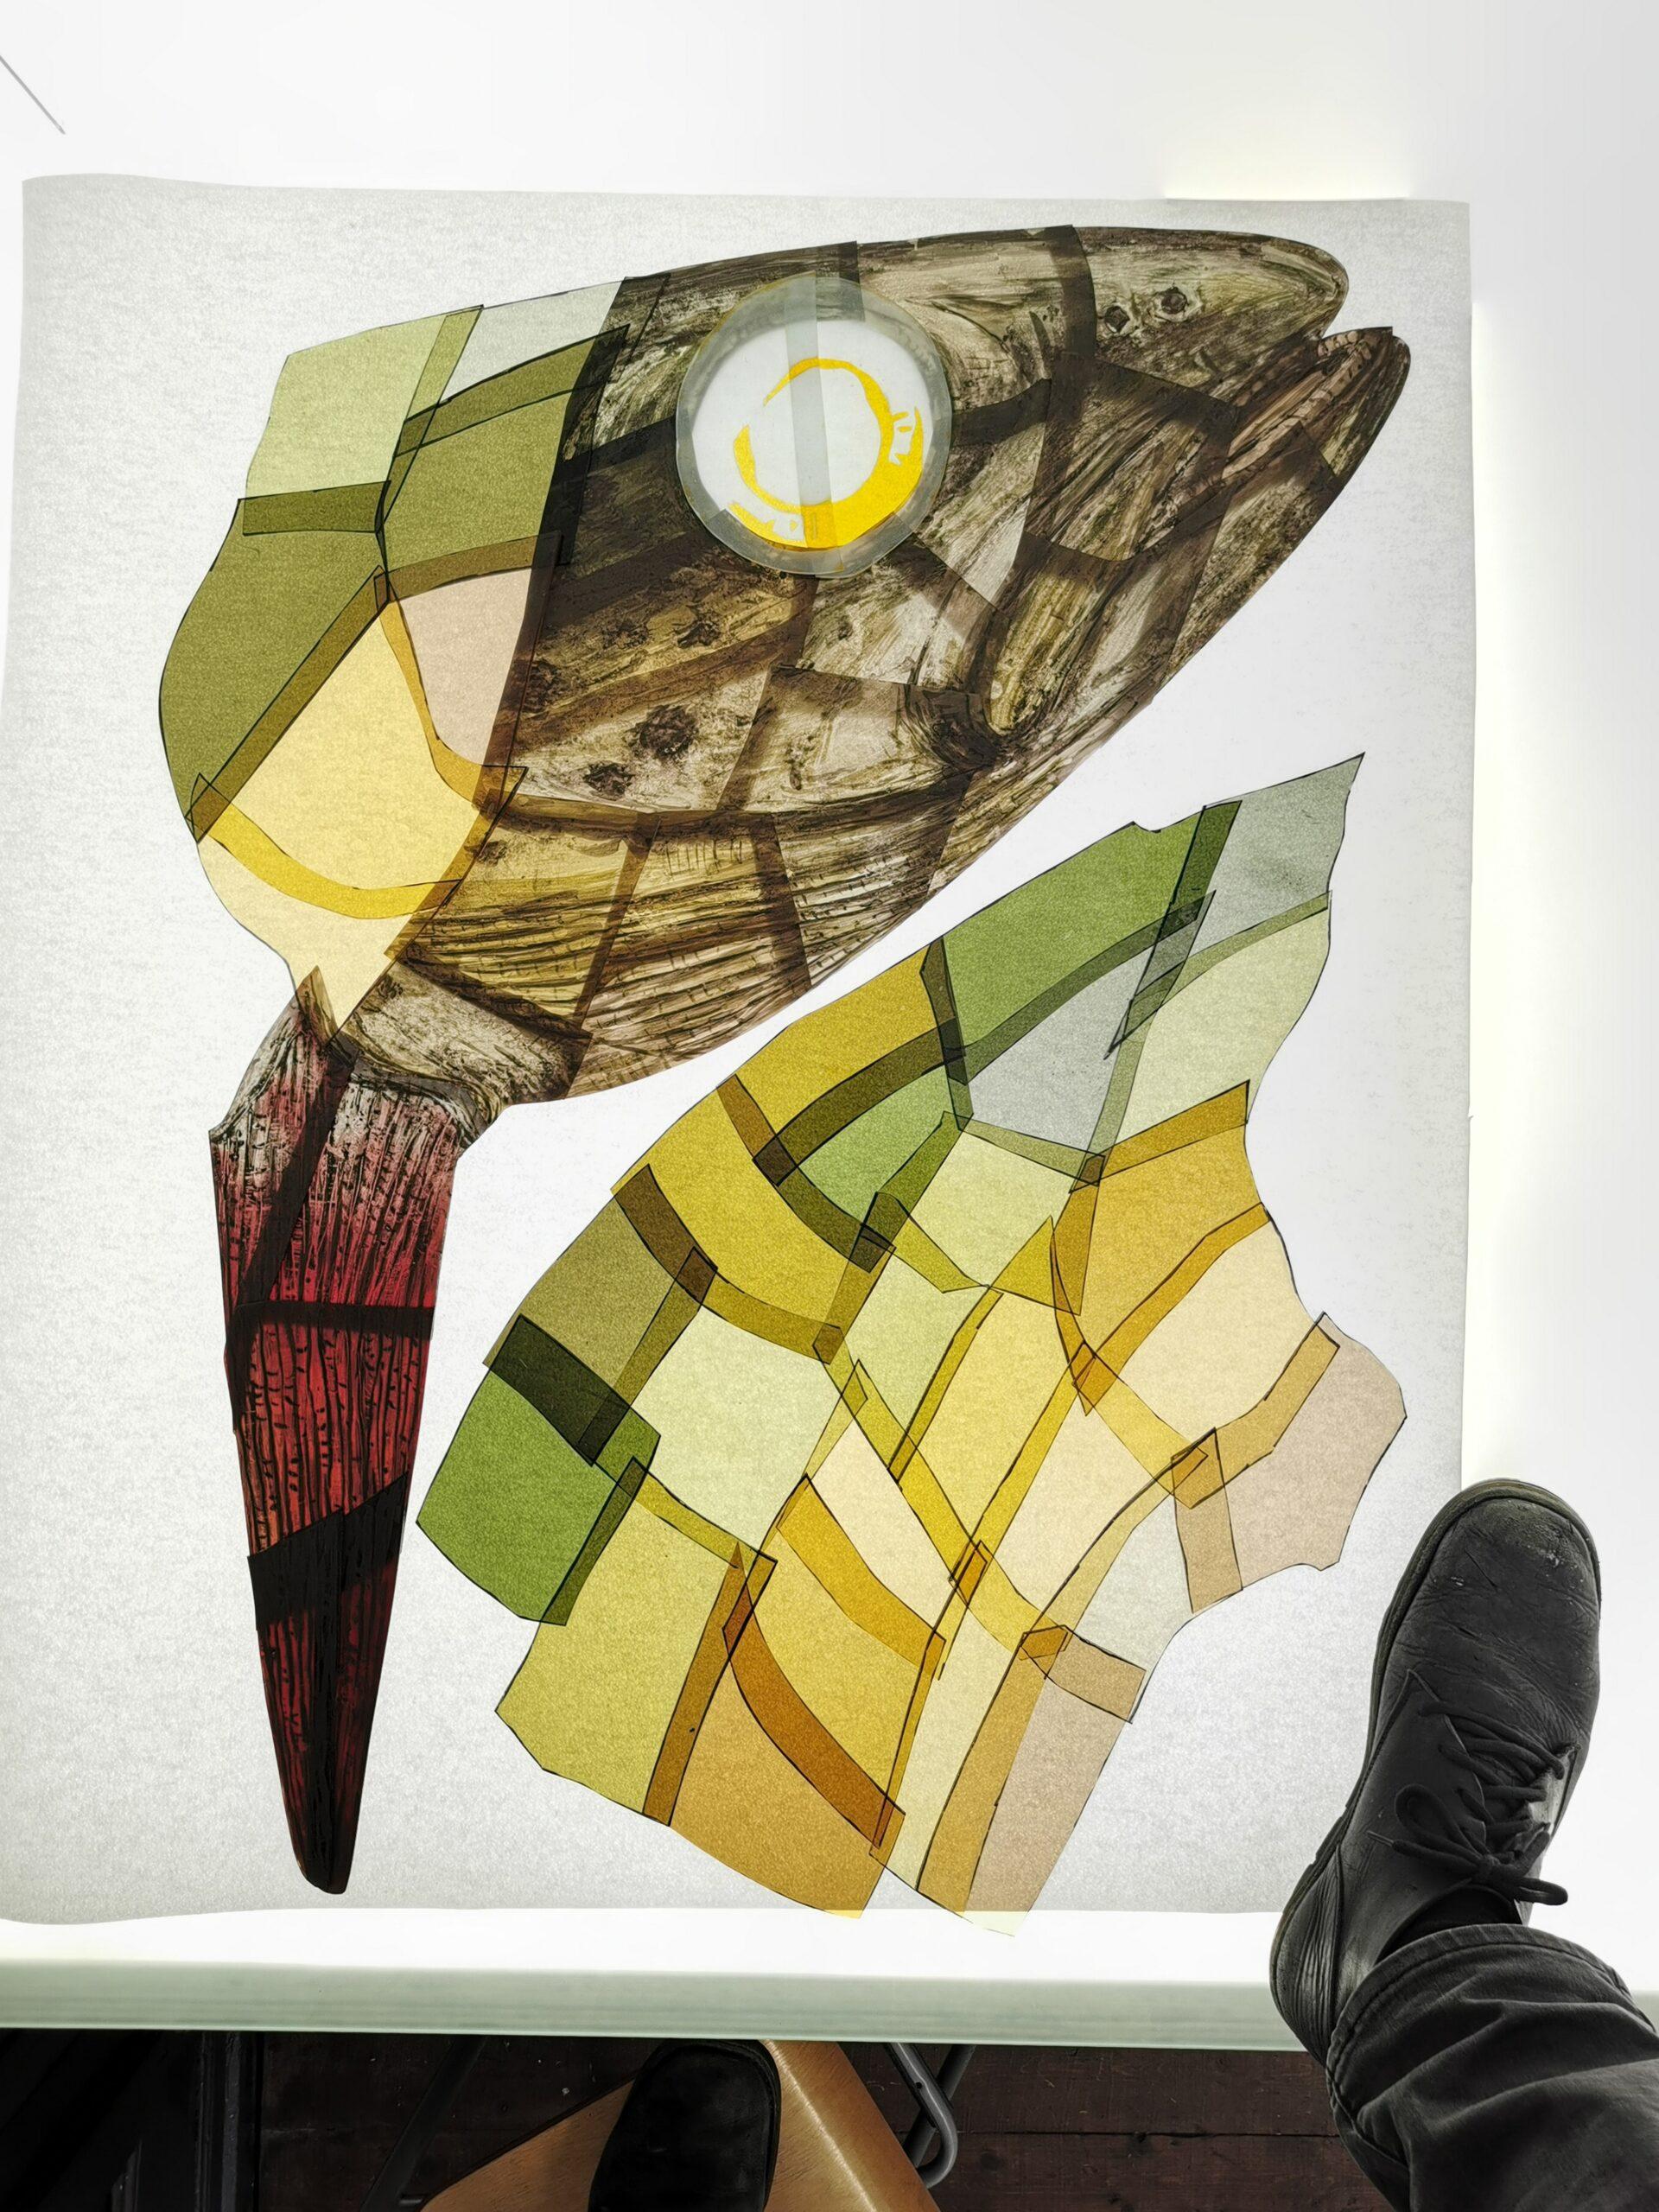 Das Bild zeigt wie die Bachforelle auf die unterschiedlich gefärbten Glasplatten gemalt wird.